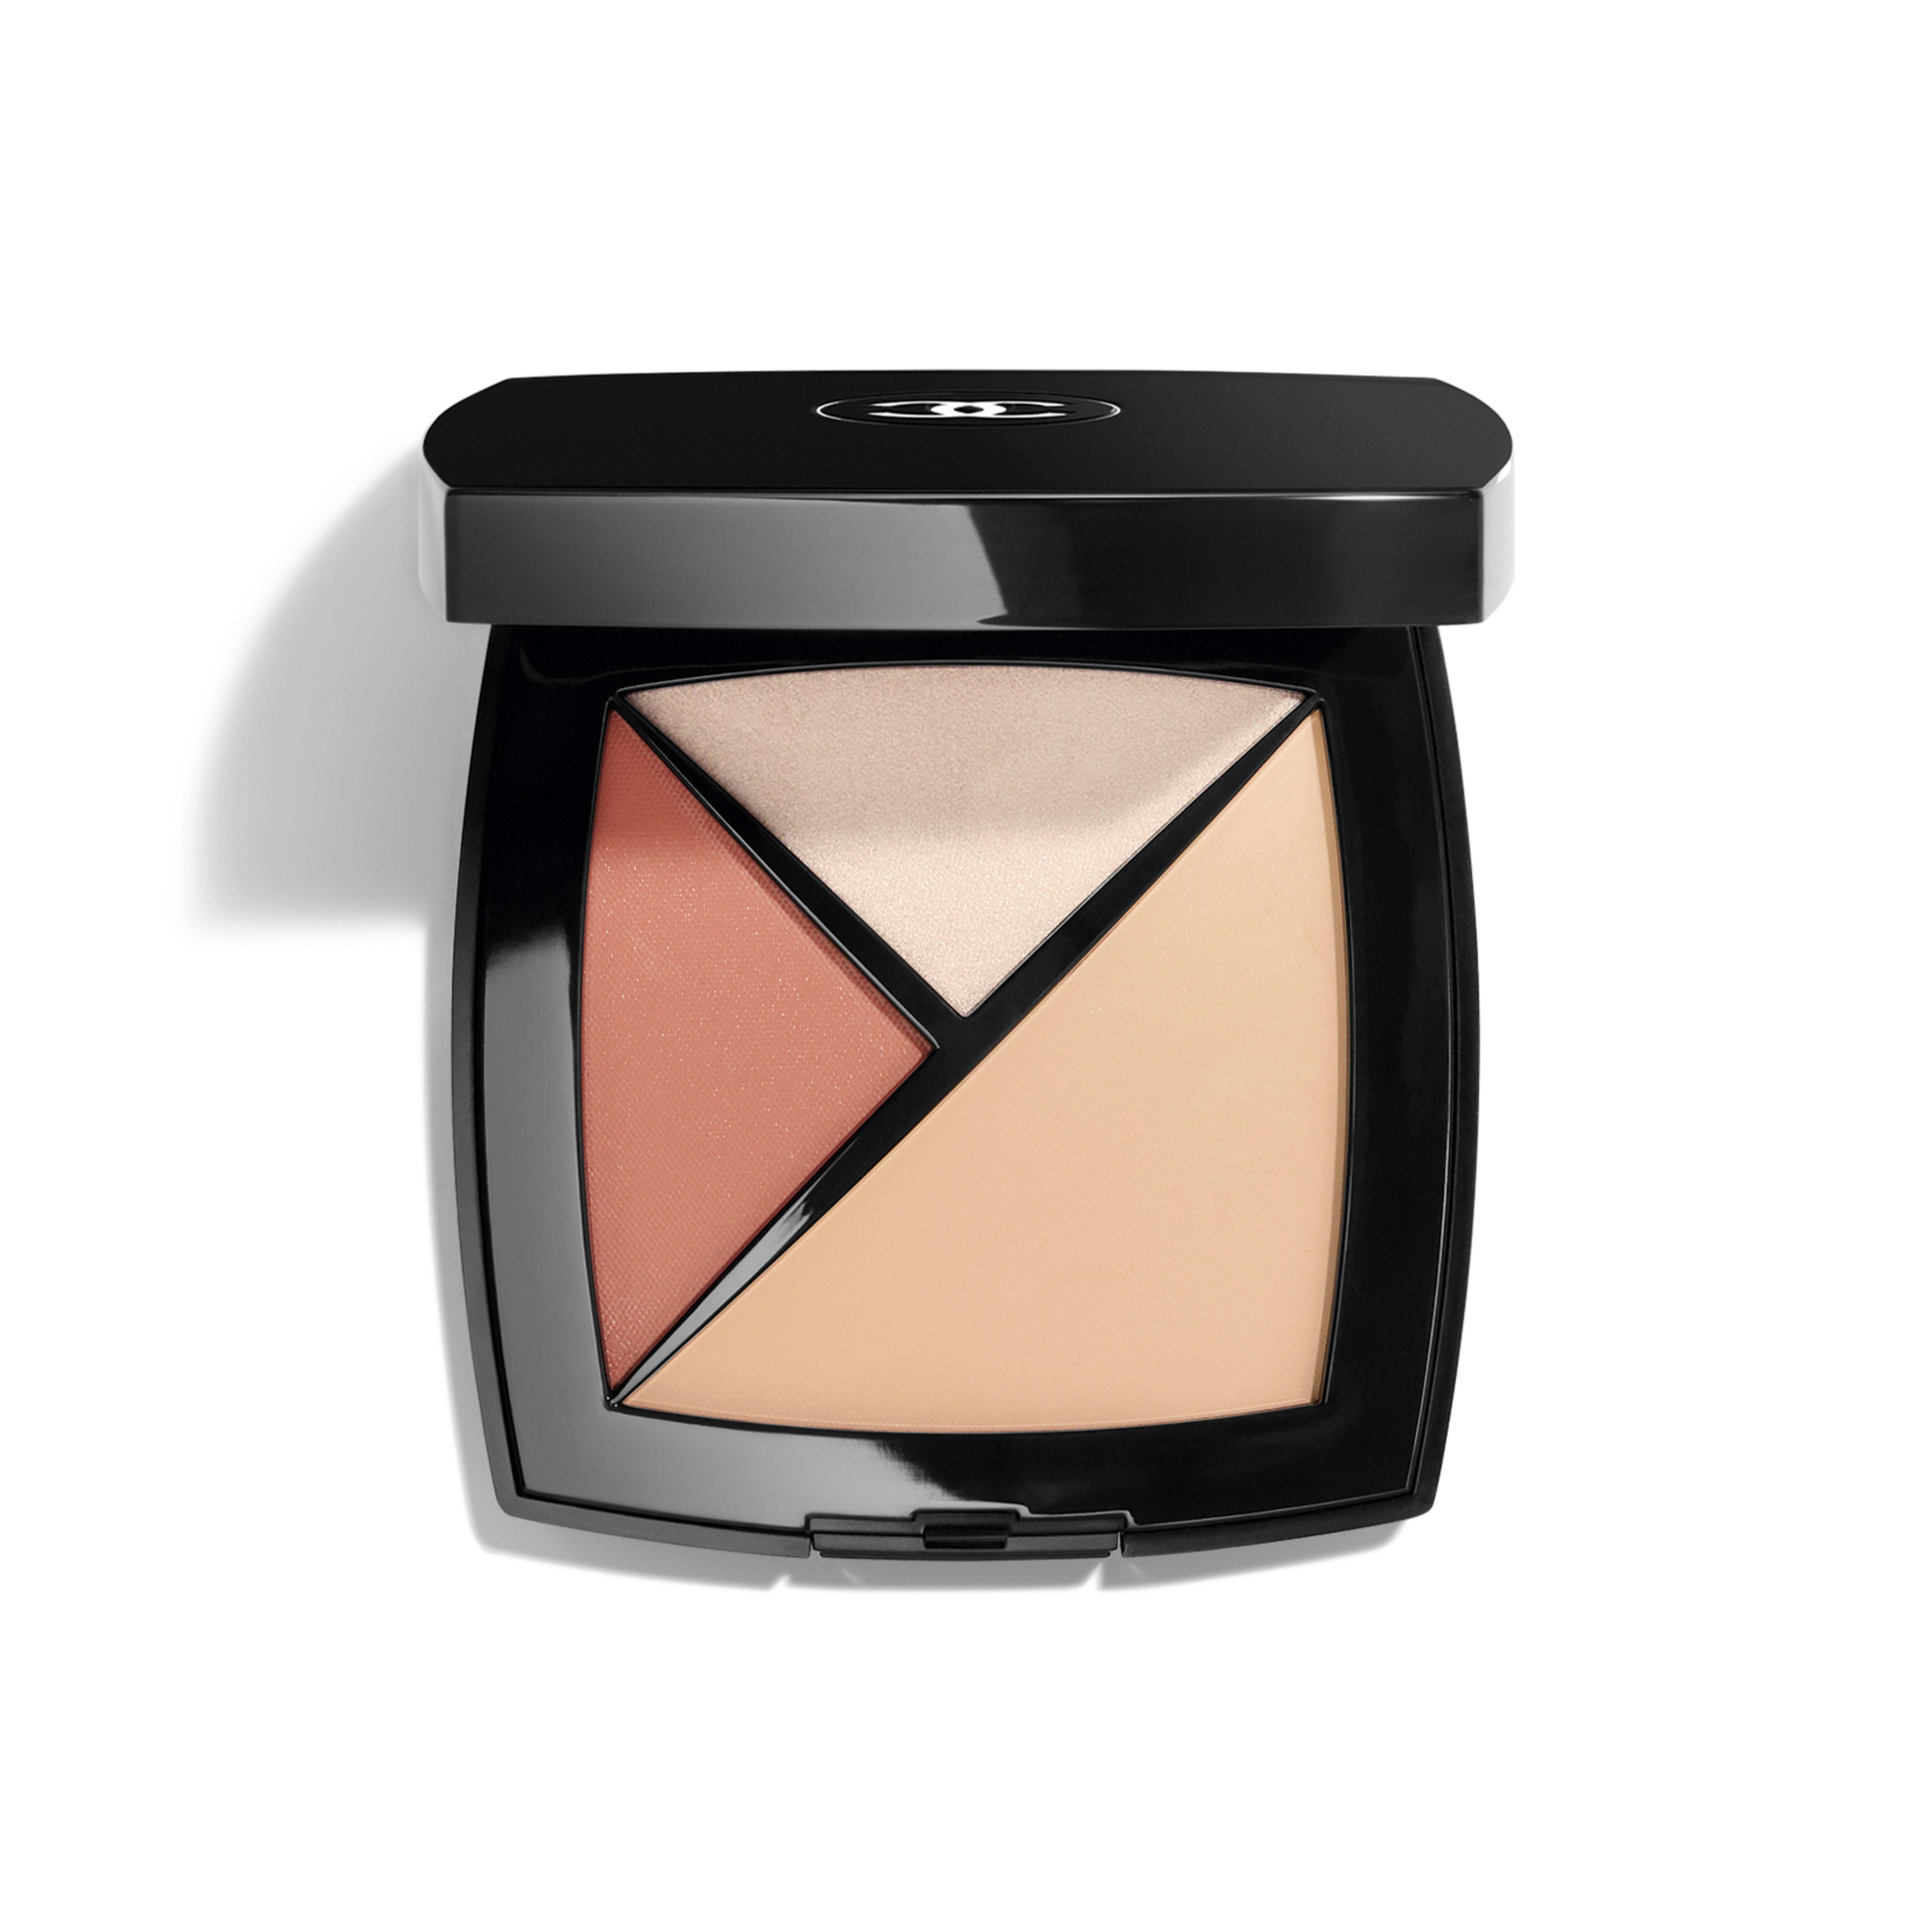 PALETTE ESSENTIELLE - makeup - 0.31OZ. - Default view